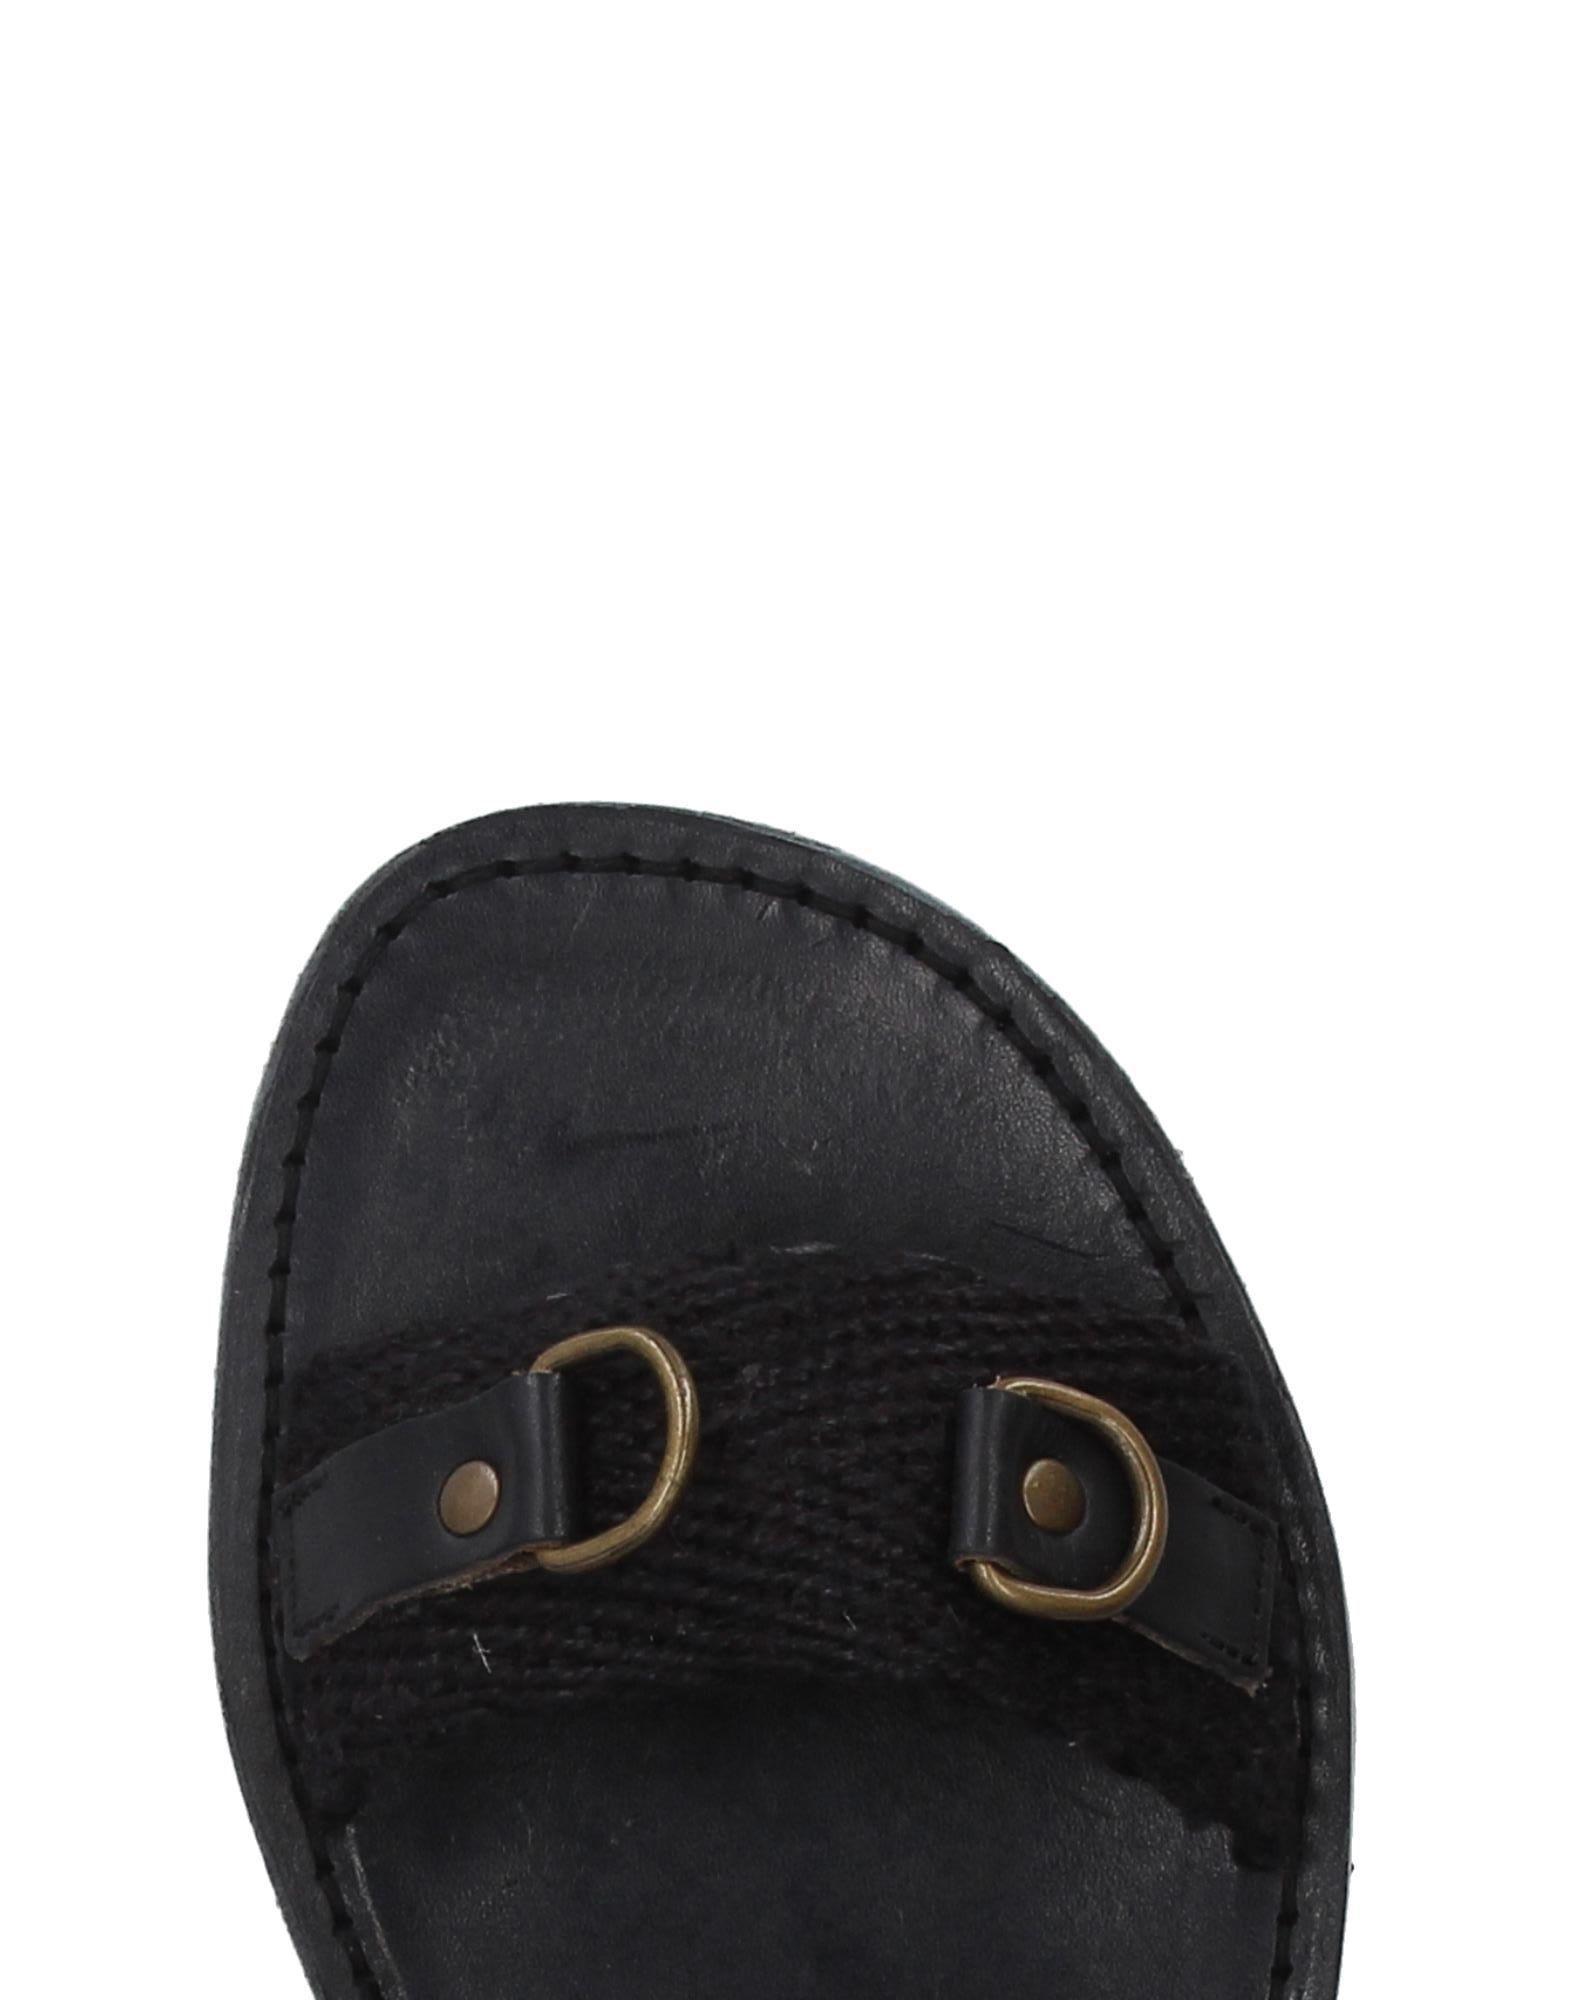 Isabel Marant 11233476AV Étoile Sandalen Damen  11233476AV Marant Neue Schuhe 415ef4